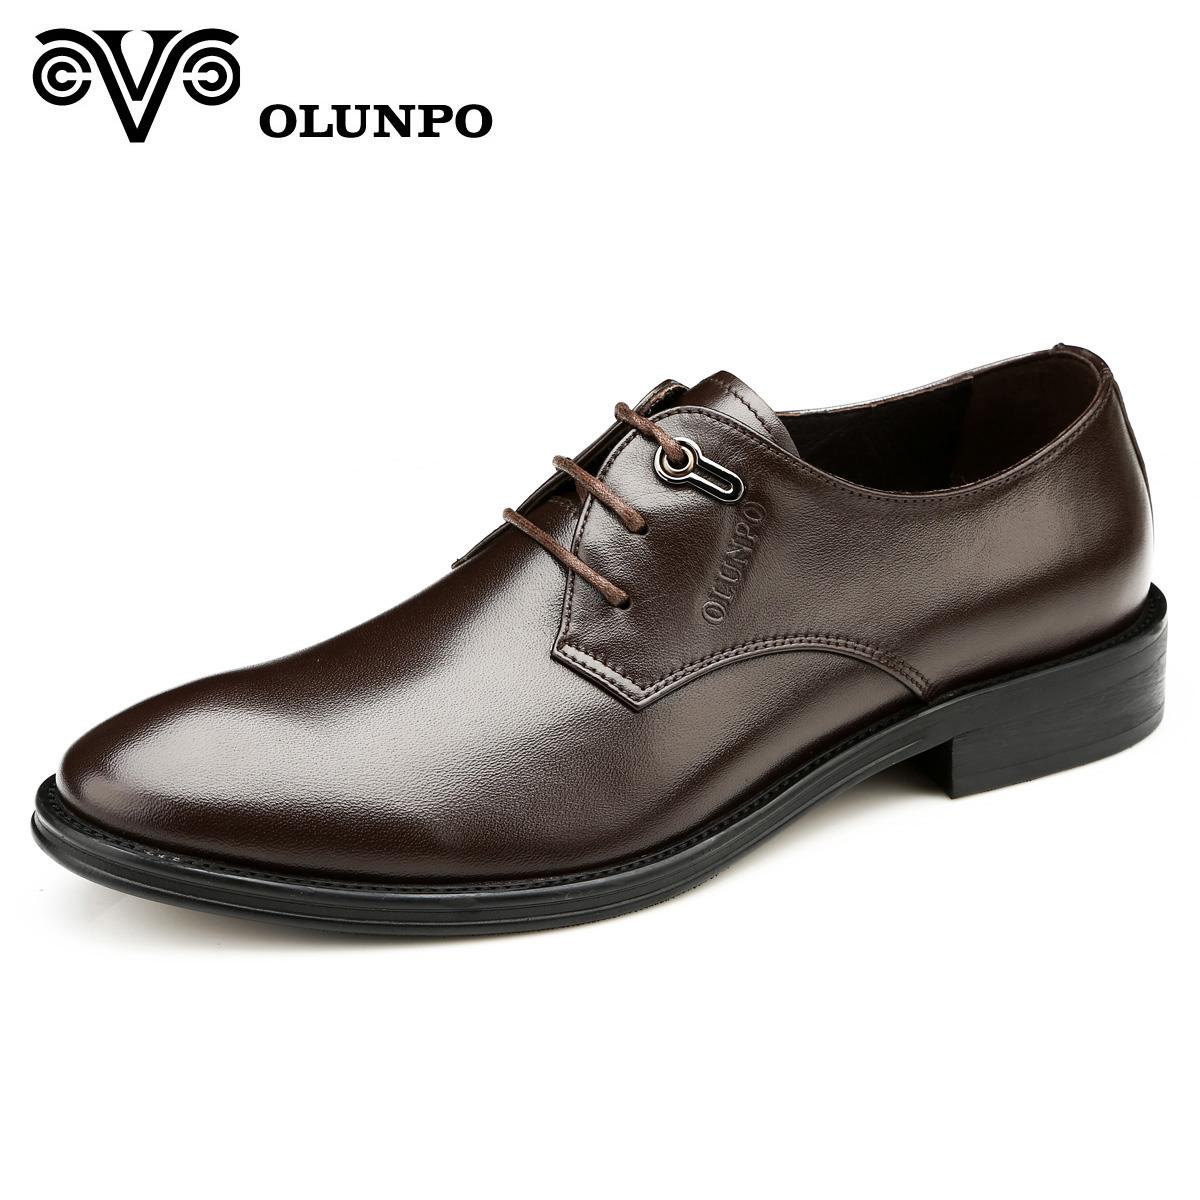 Giầy da nam cao cấp Olunpo QYS1301 êm dịu trong từng bước đi